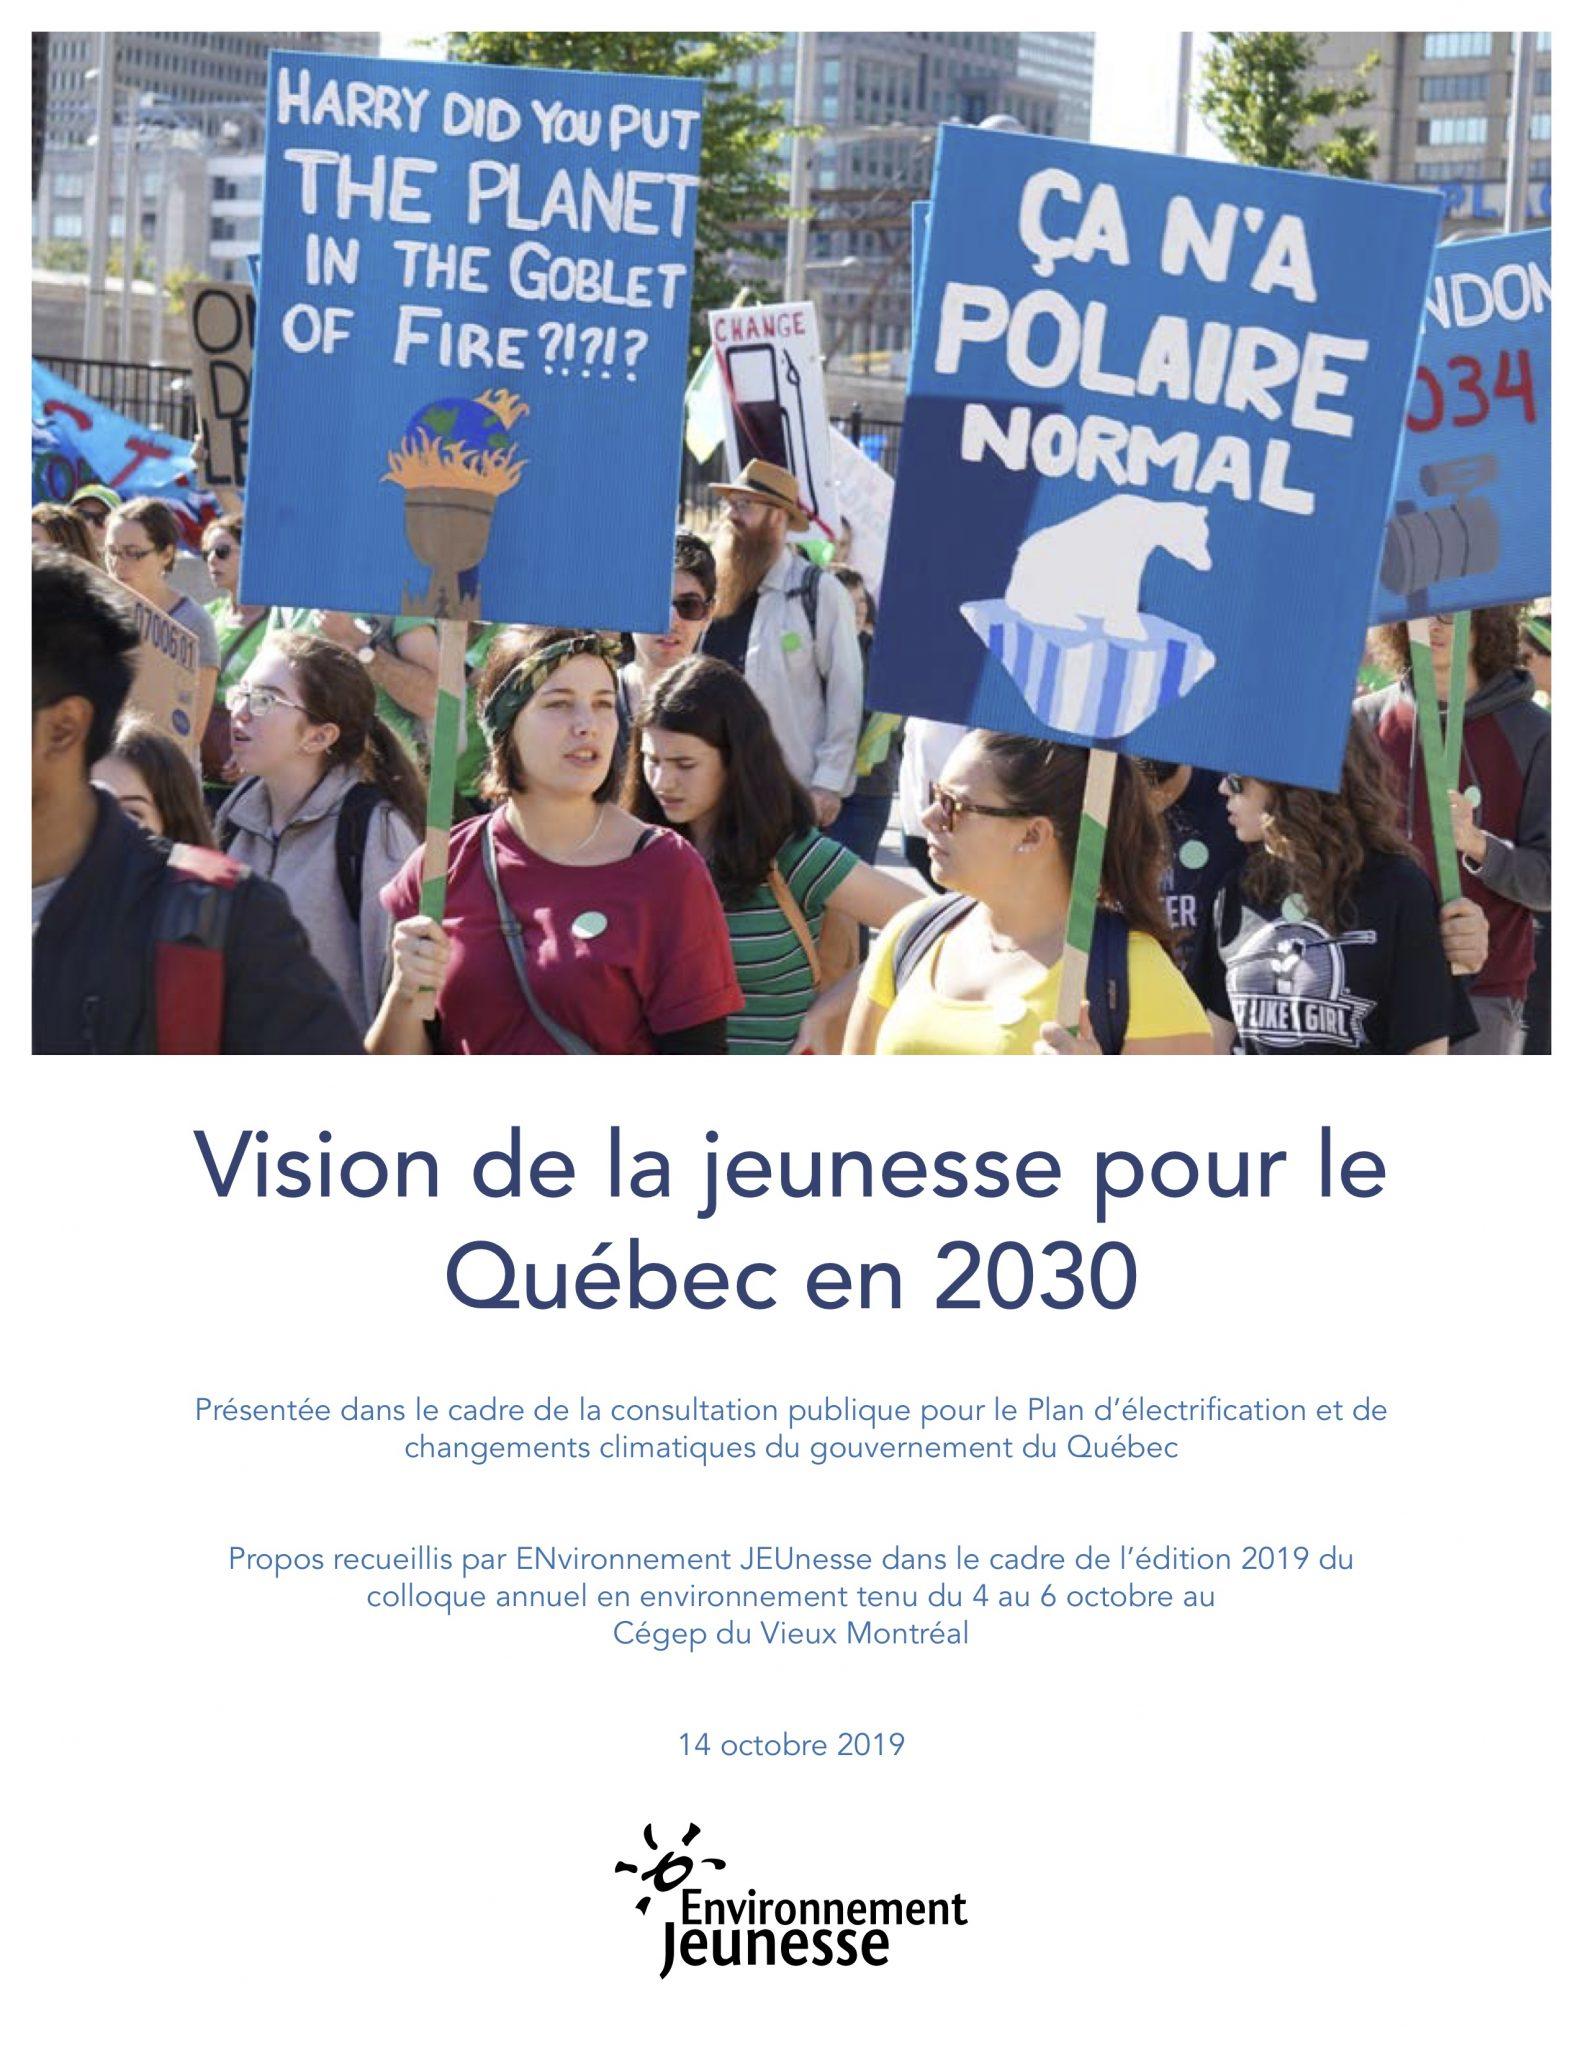 Vision_jeunesse_2030_vignette